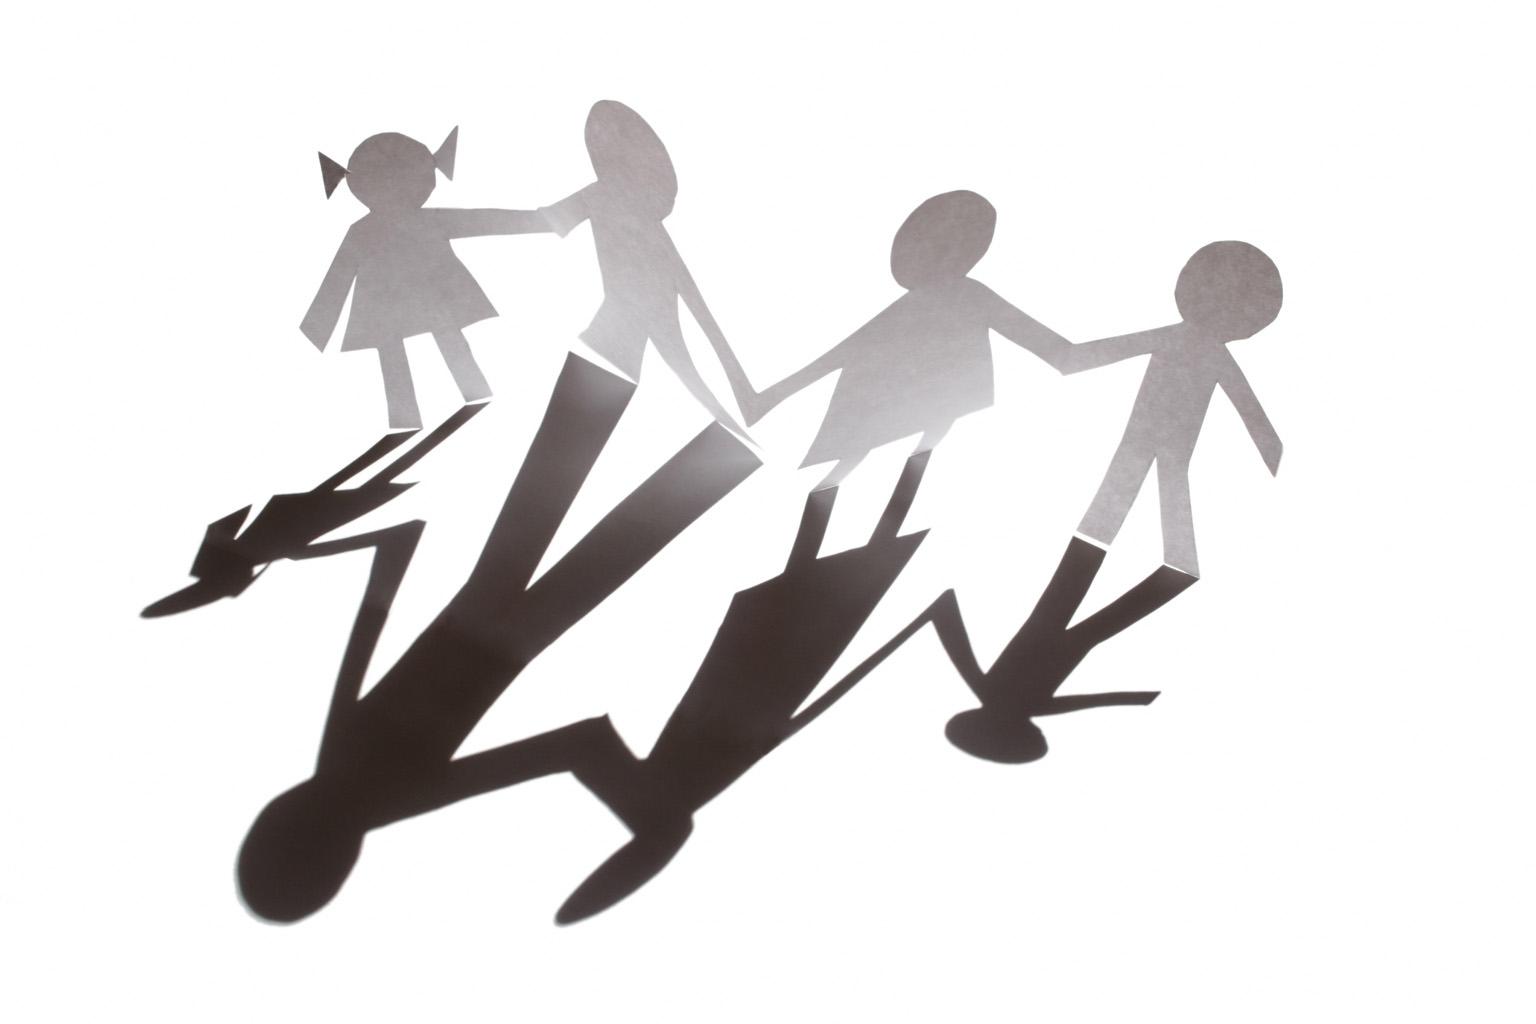 amore genitoriale - Roberta Pagliani - Yoga Consapevolezza e Gioia